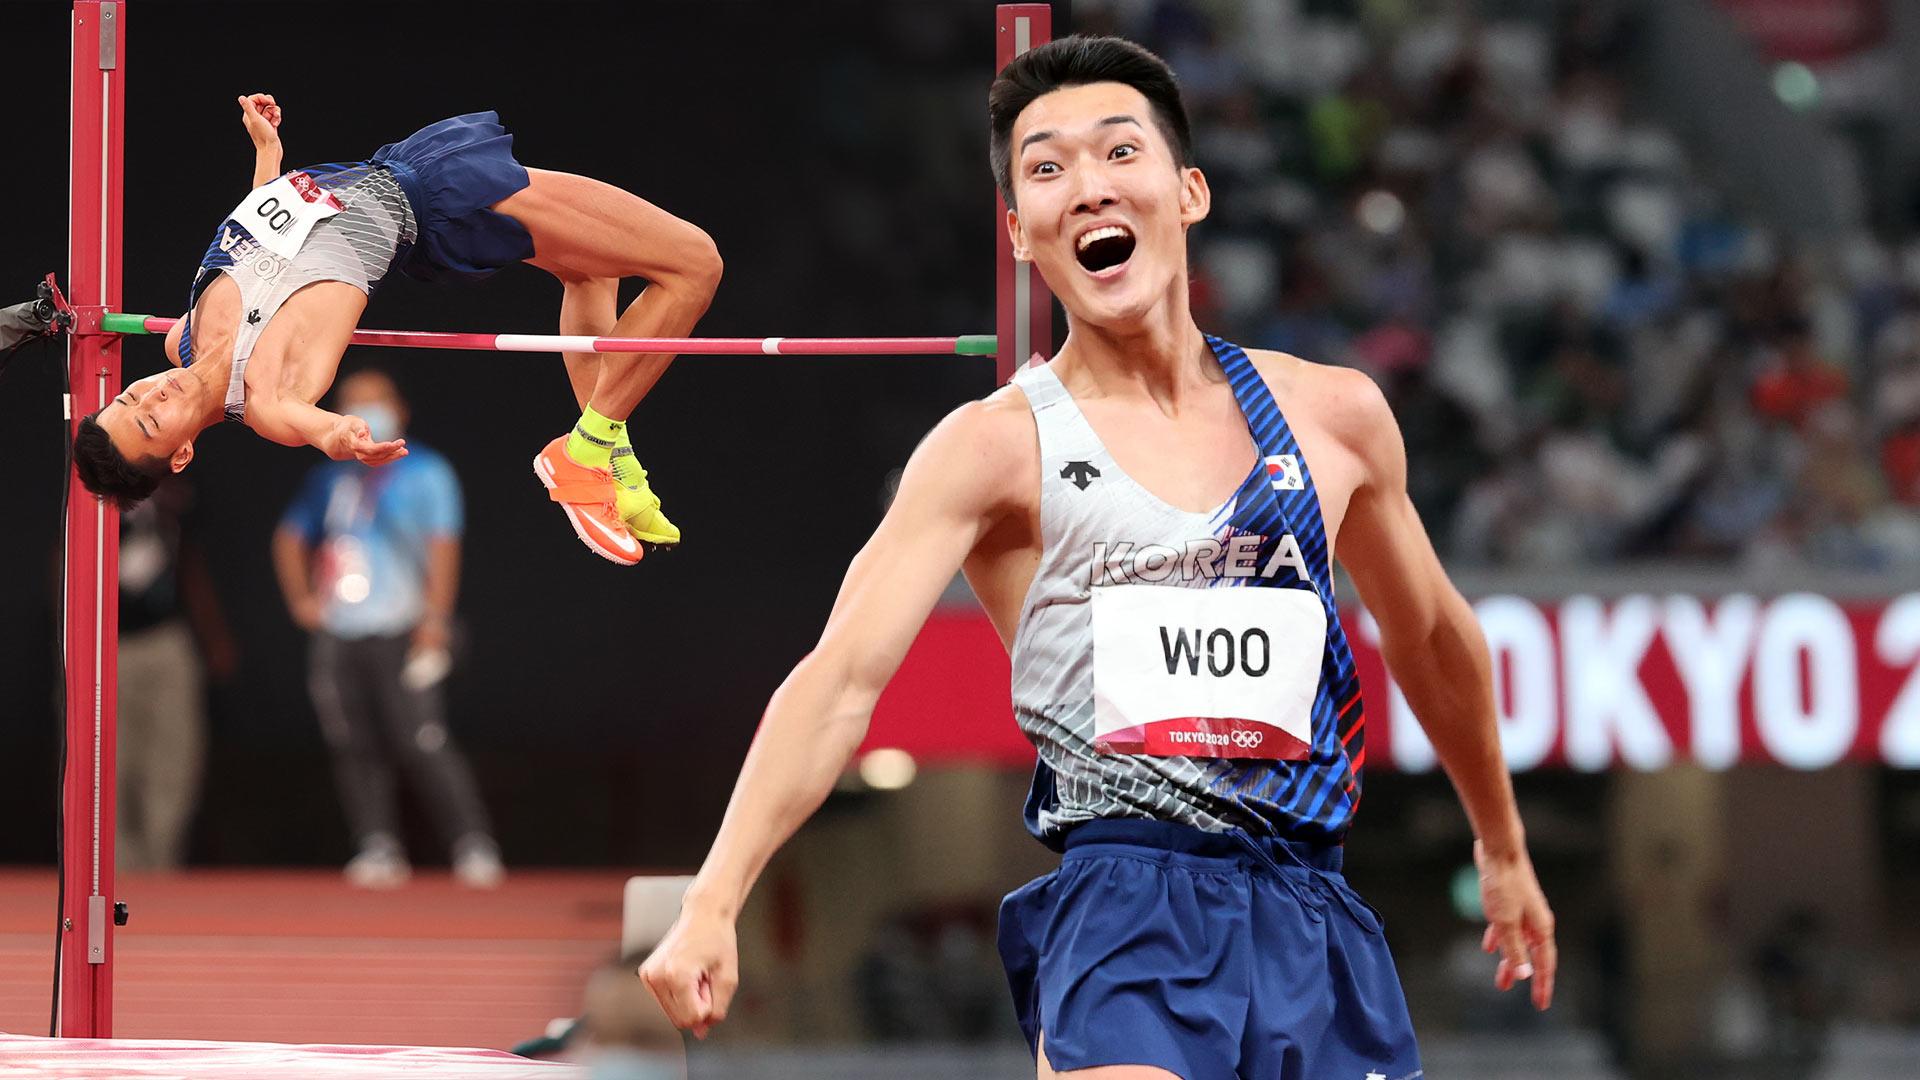 메달보다 값졌다…높이뛰기 우상혁 한국 신기록으로 4위